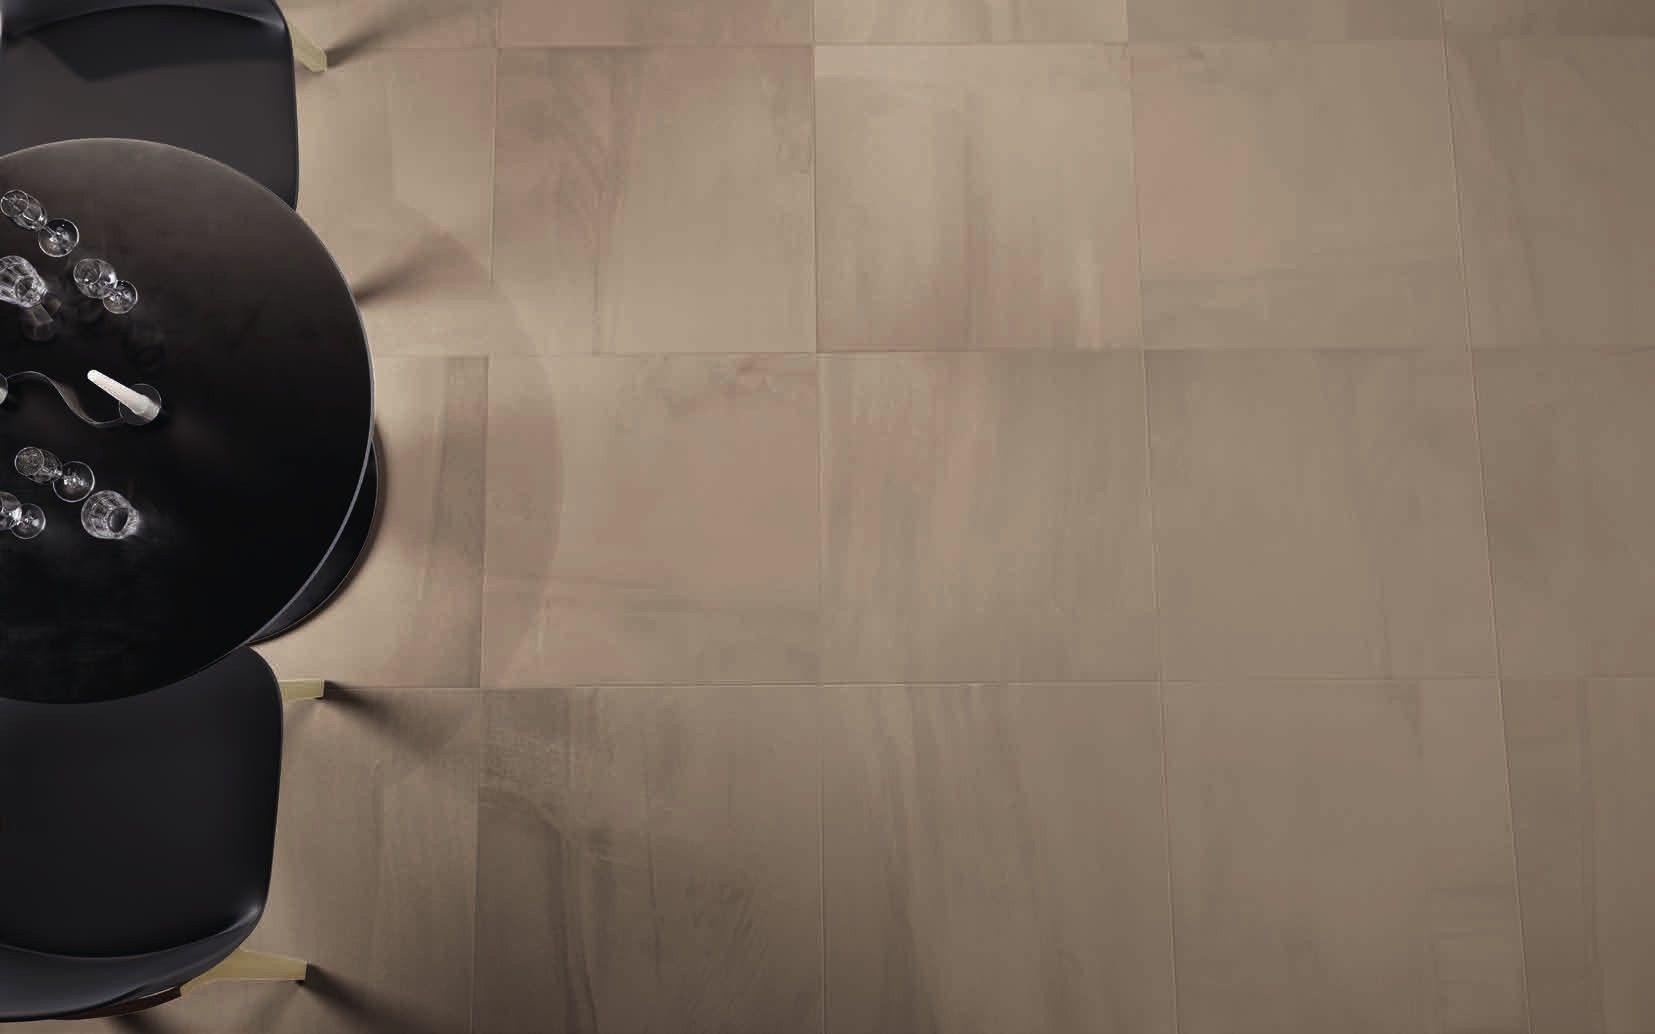 Fußboden Im Yours ~ Die dusche ein loch im boden picture of hotel lungomare